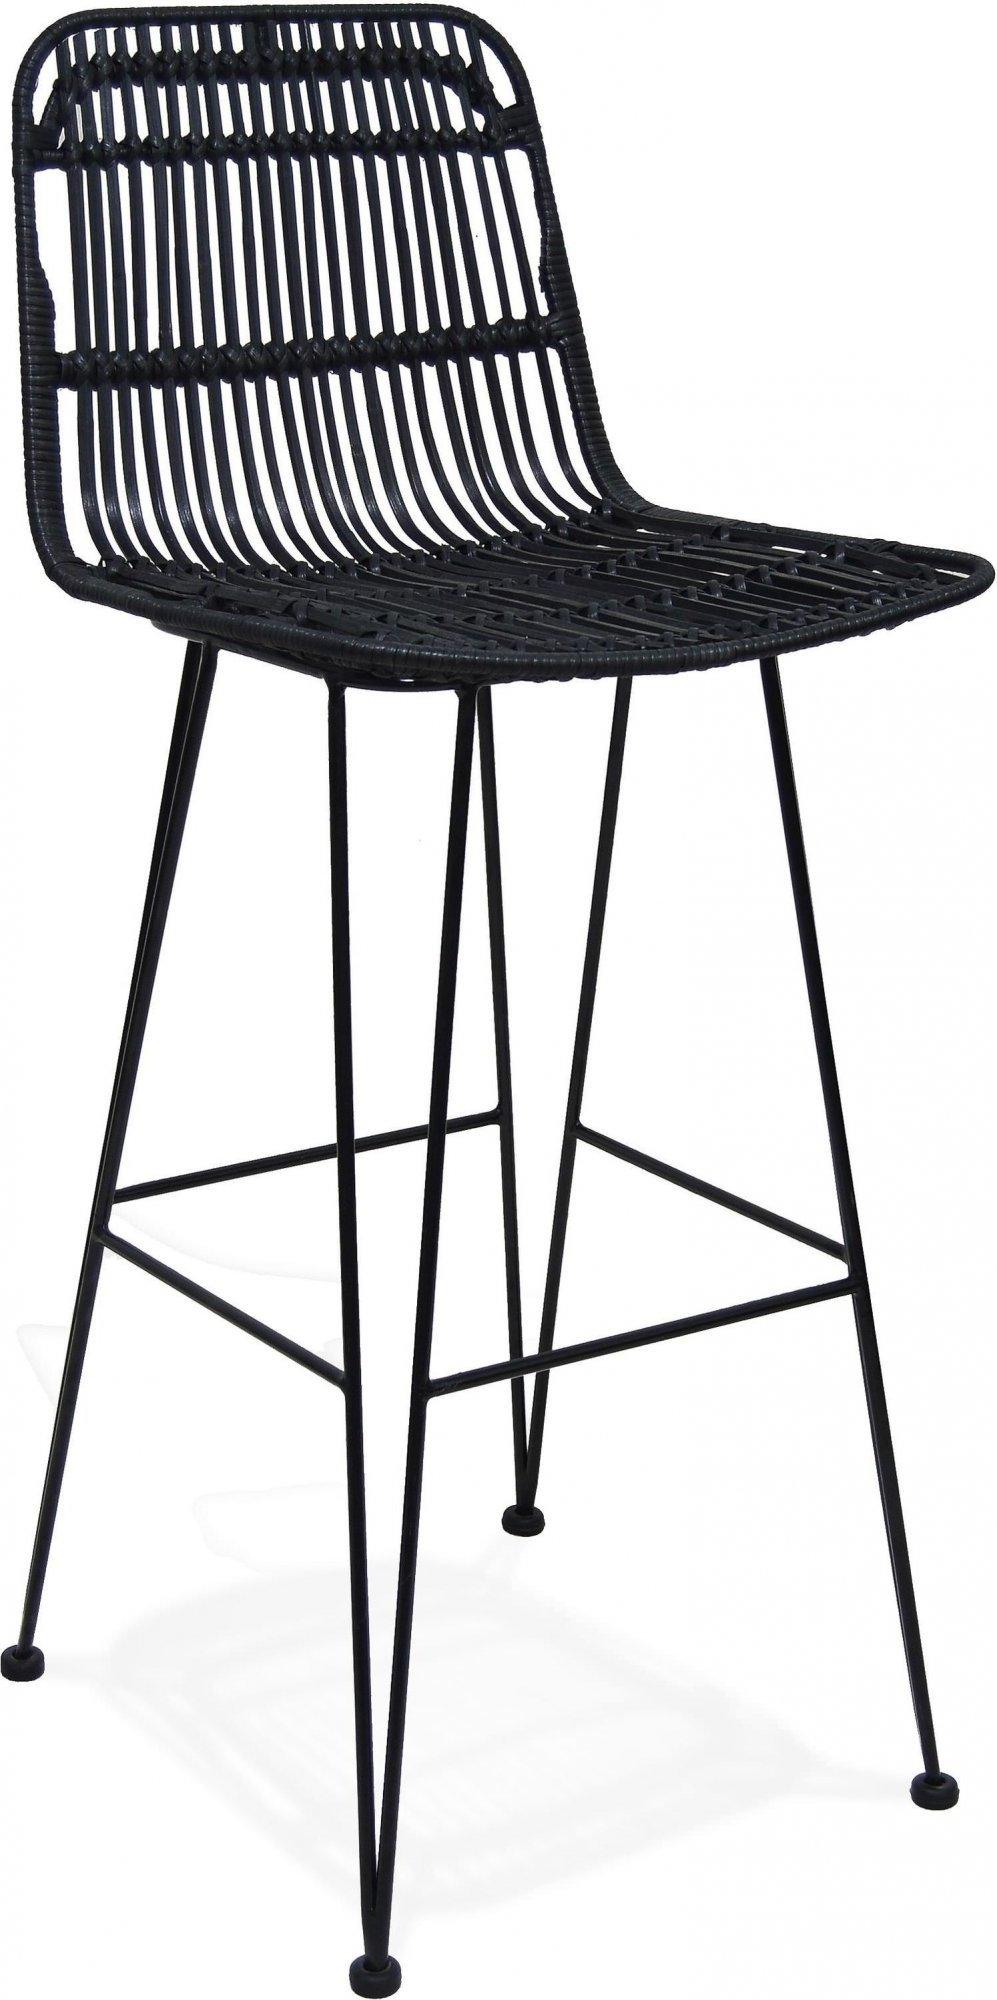 Chaise de bar cannage couleur noir h assise 75cm